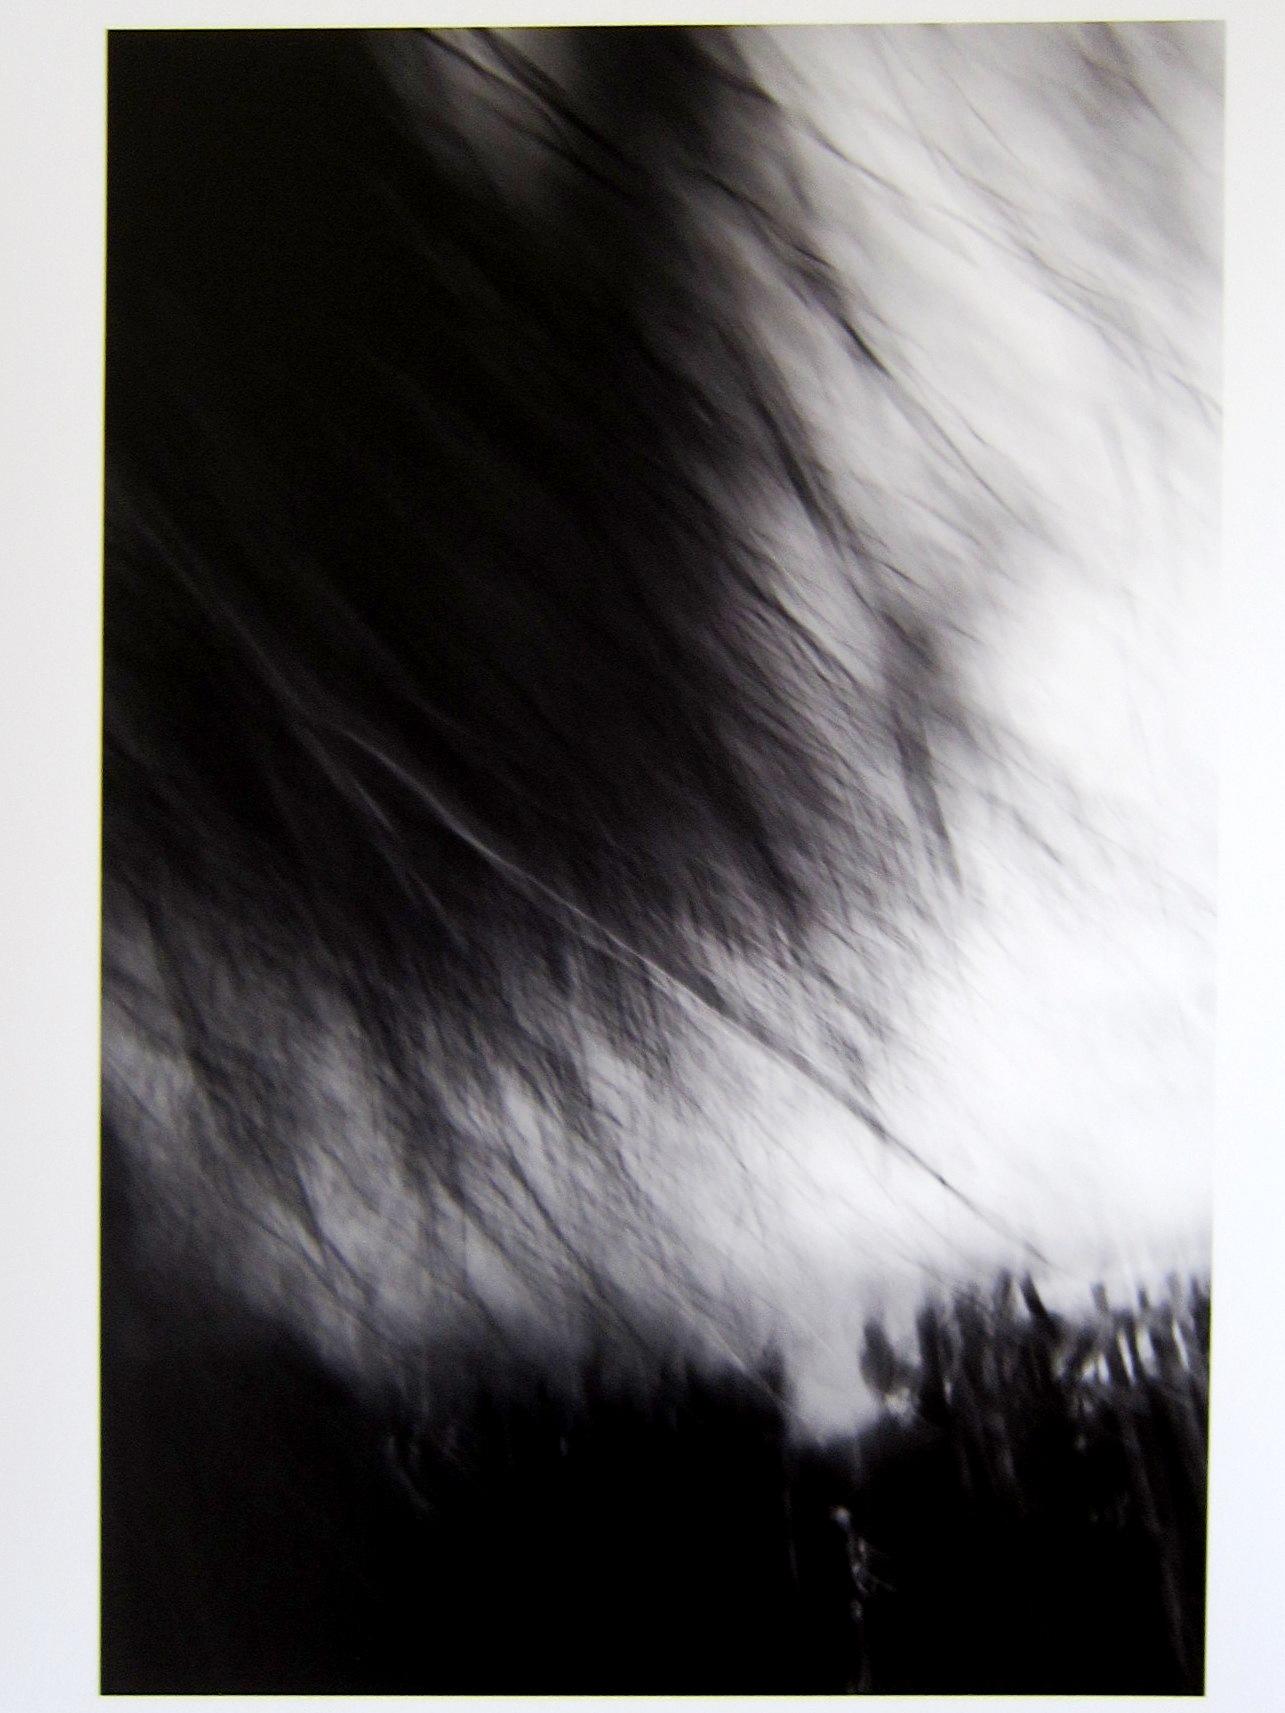 2393)「山岸せいじ展 あわいを覗く」 北広島市・黒い森美術館 終了/4月28.29.30日&5月5.6.7日_f0126829_1726096.jpg